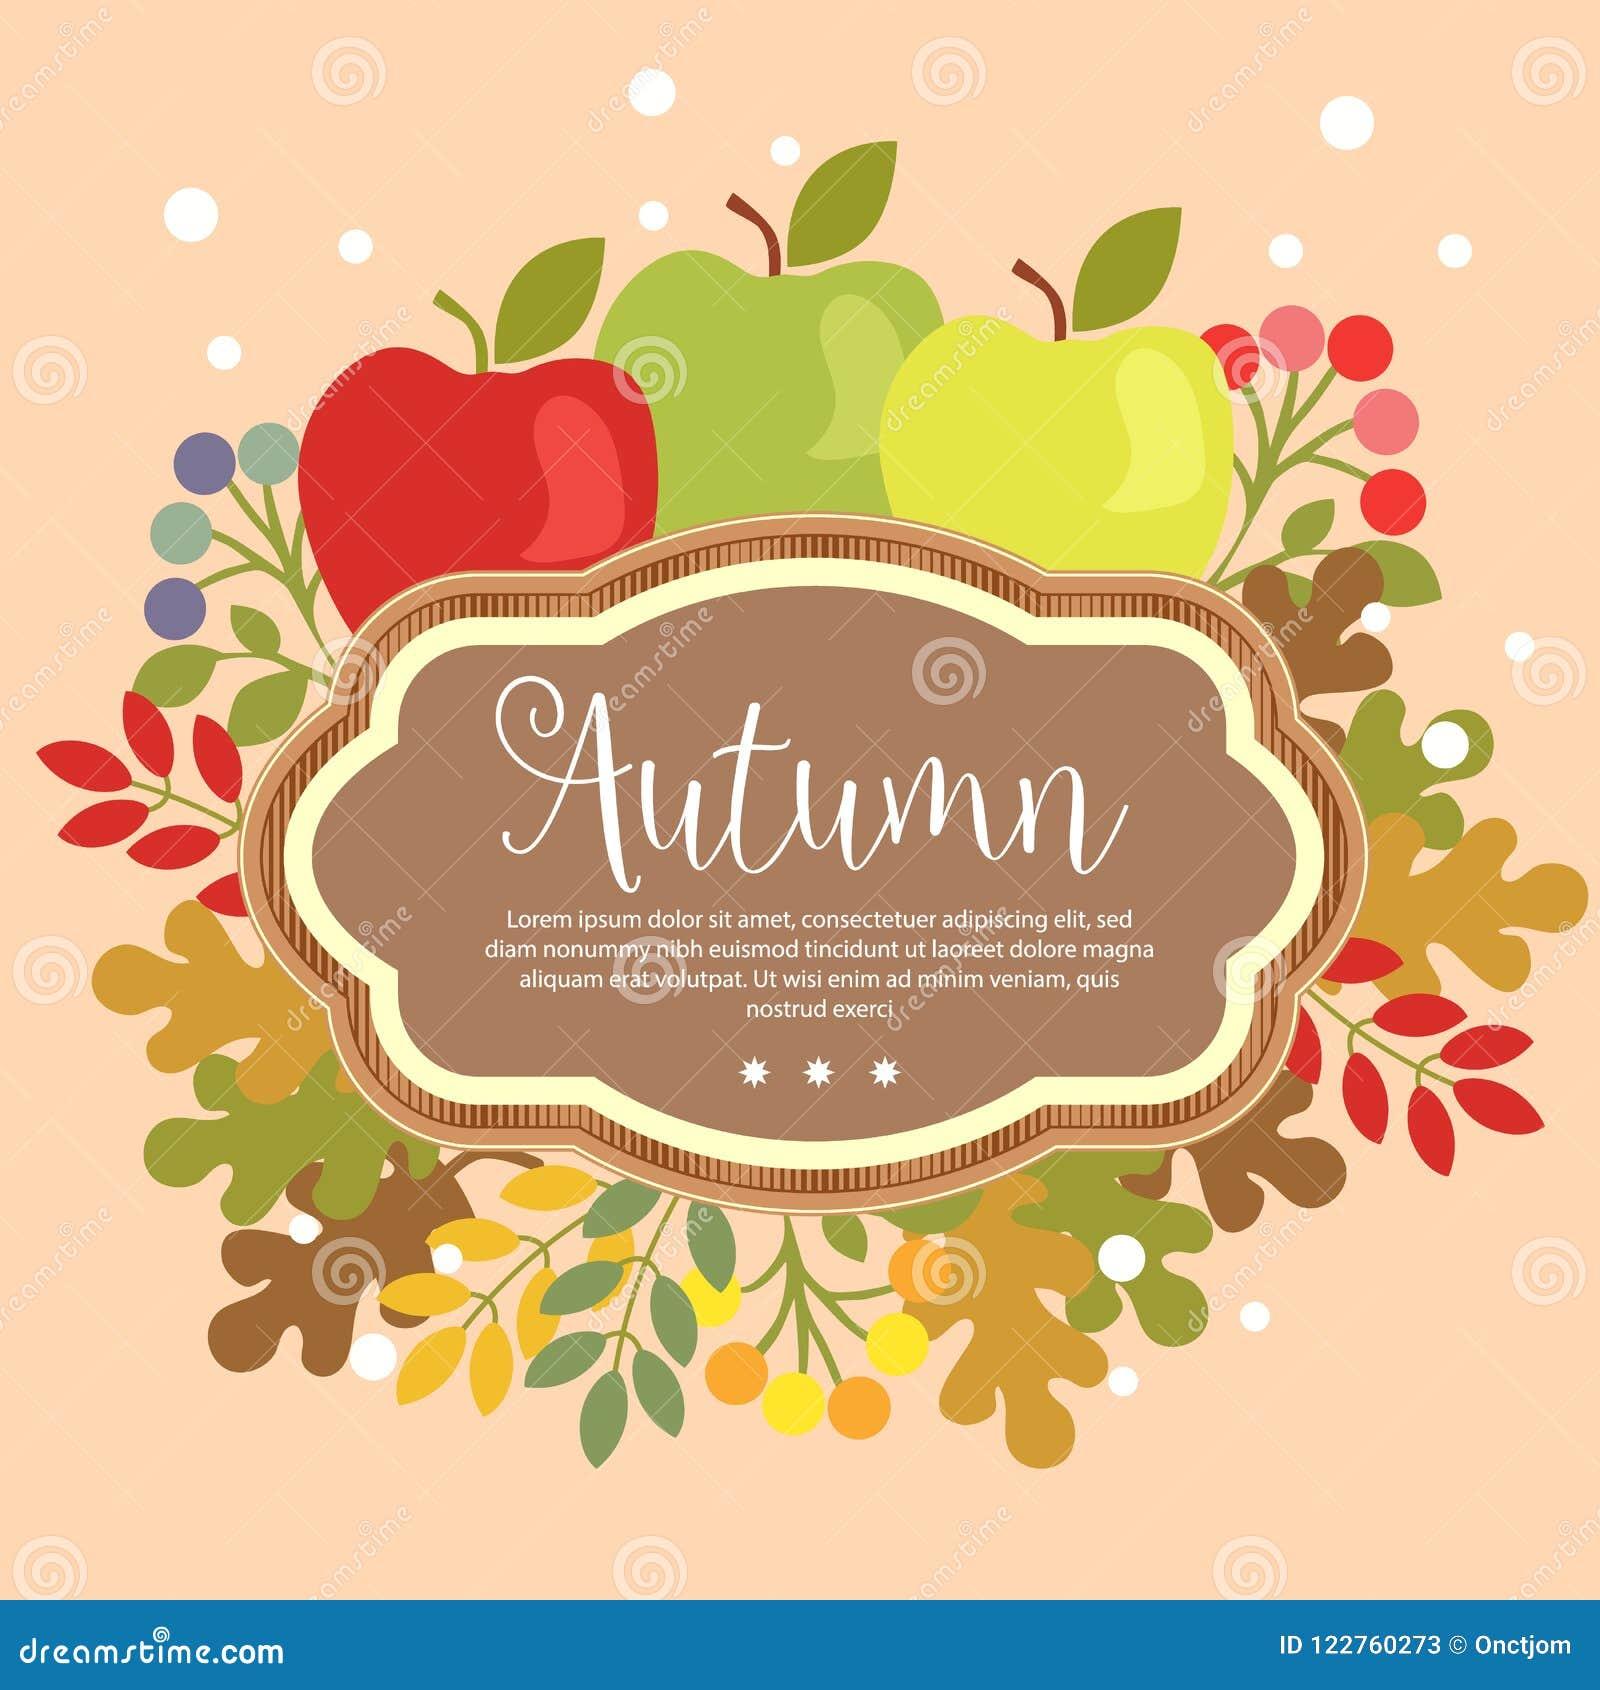 Garden Foliage Template Autumn Apple Flat Style Stock Vector ...